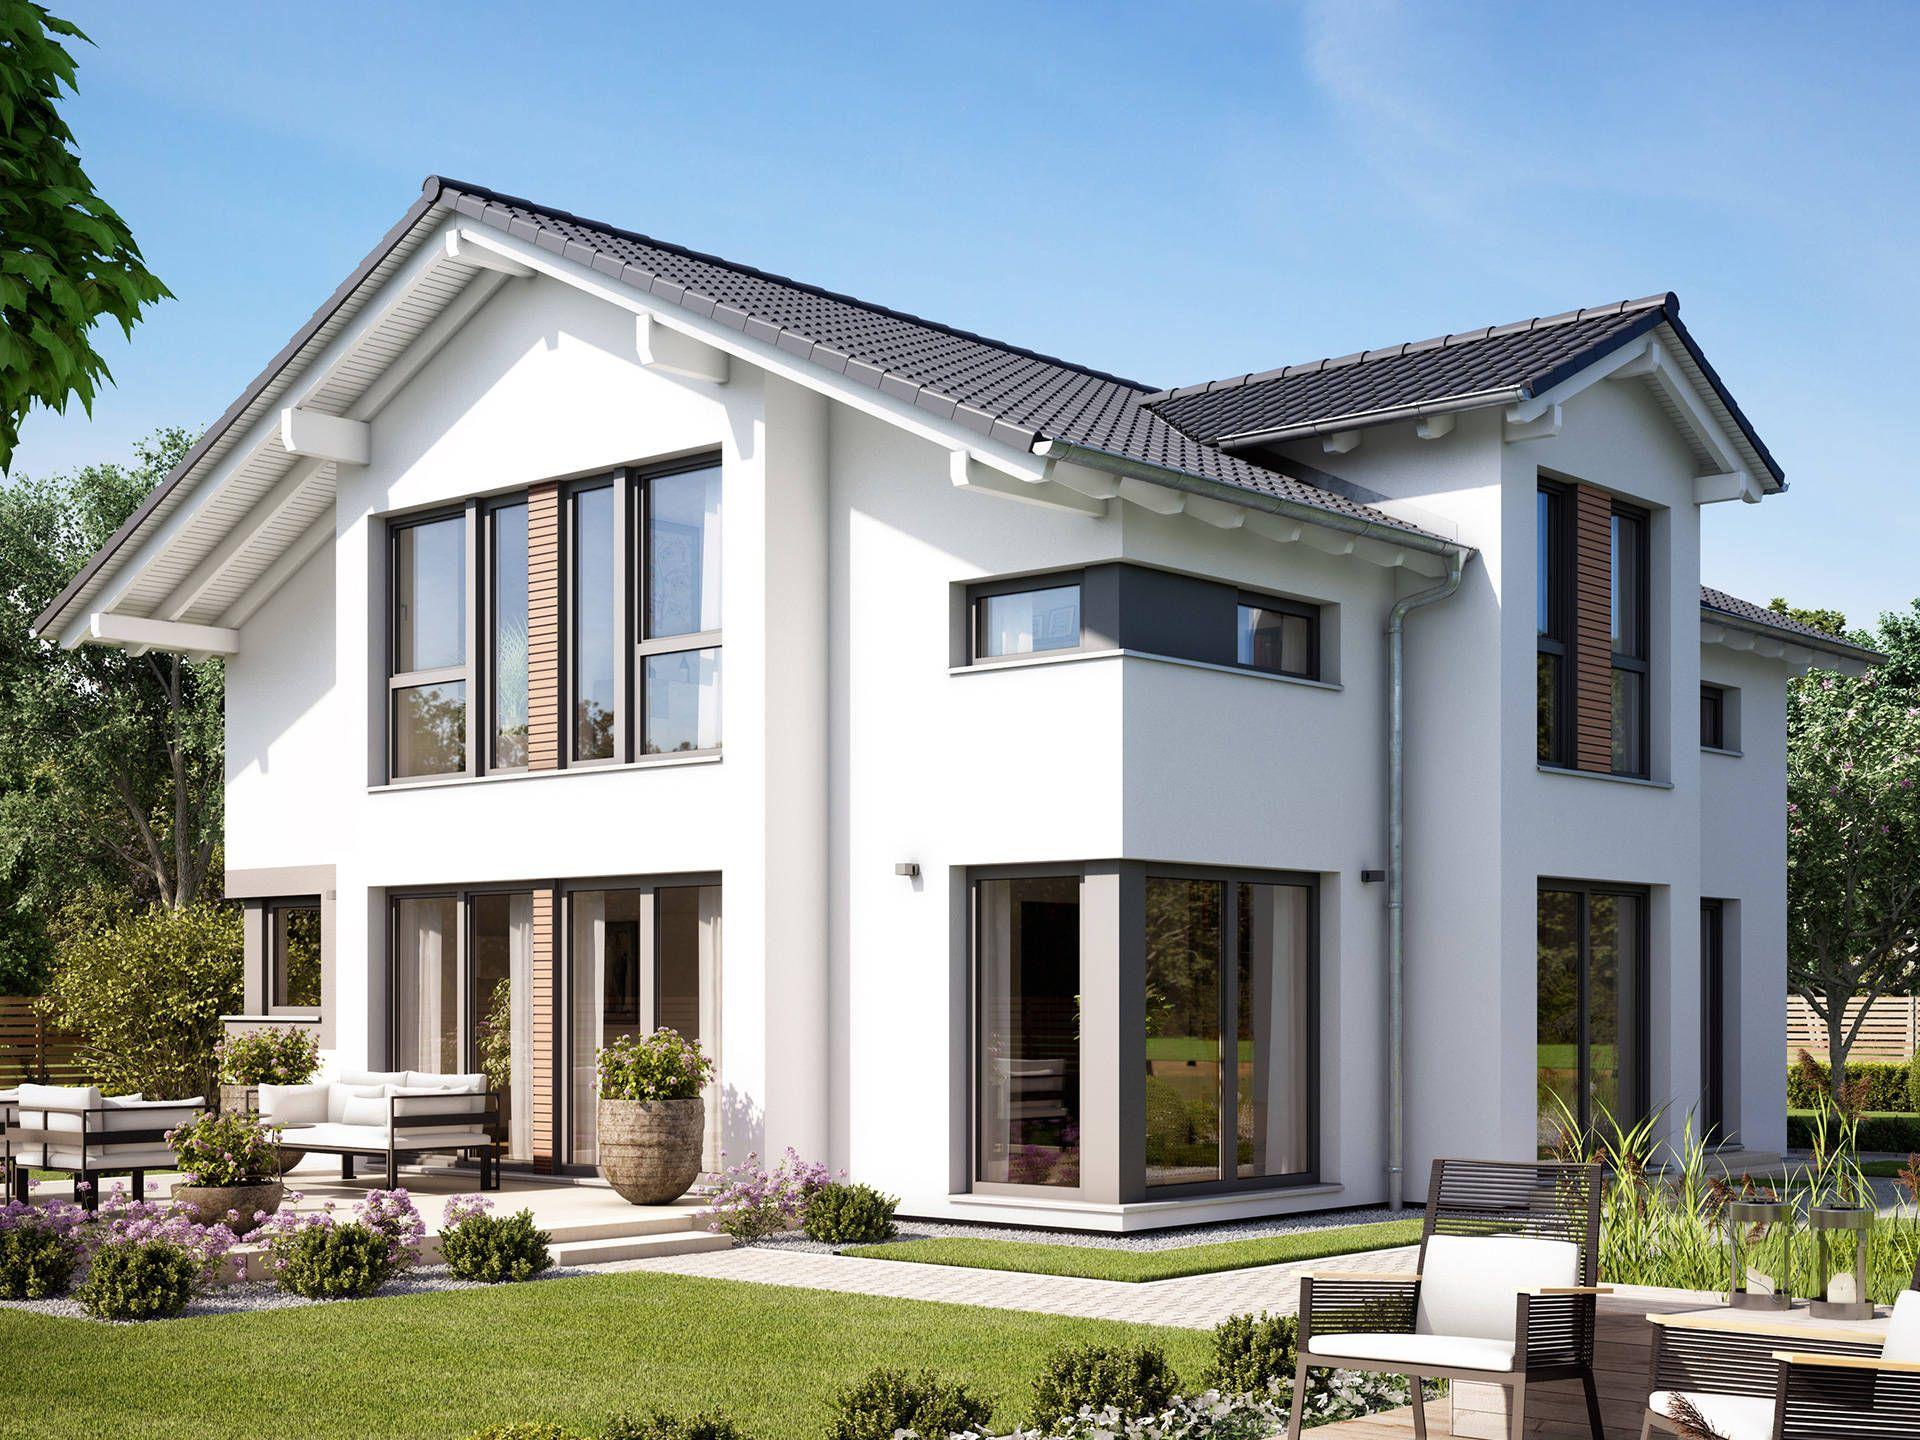 Einfamilienhaus FANTASTIC 161 V4 BienZenker Haus